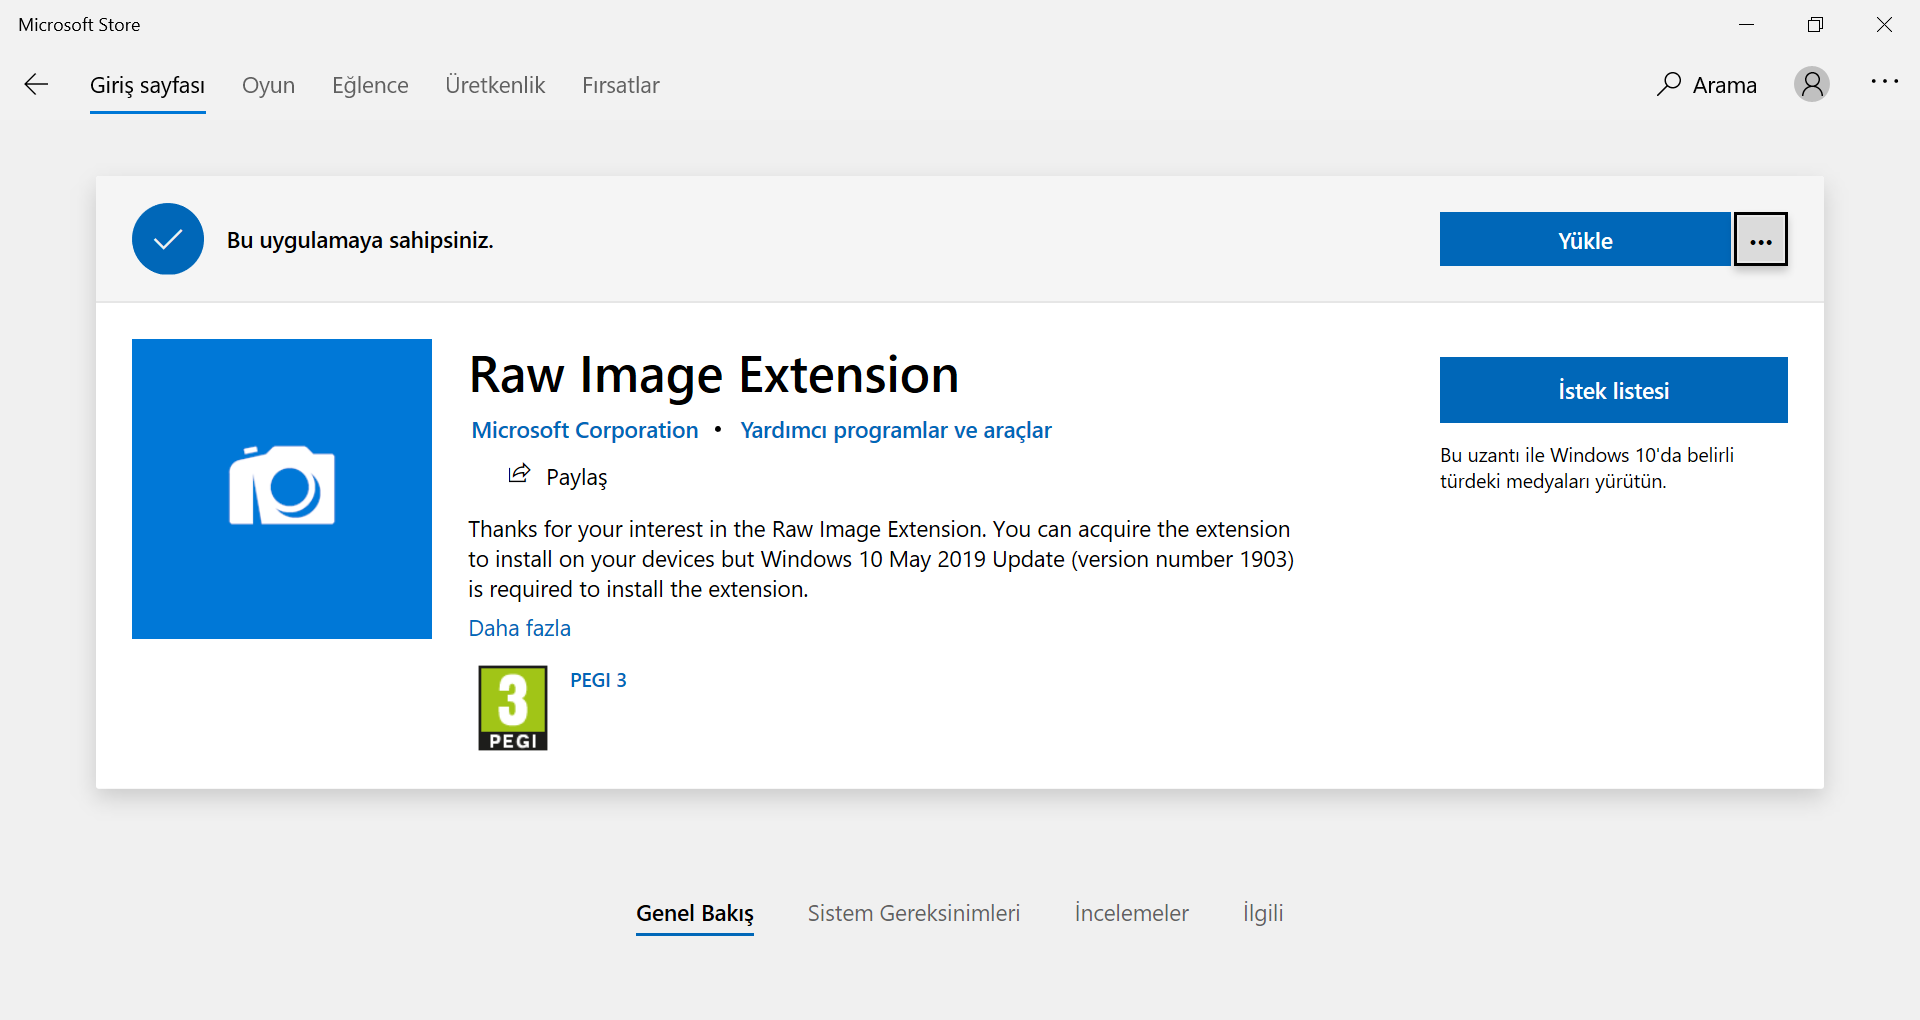 Raw Images Extension Eklentisini Simdi Yükle Düğmesine Tıklayıp Onaylayın